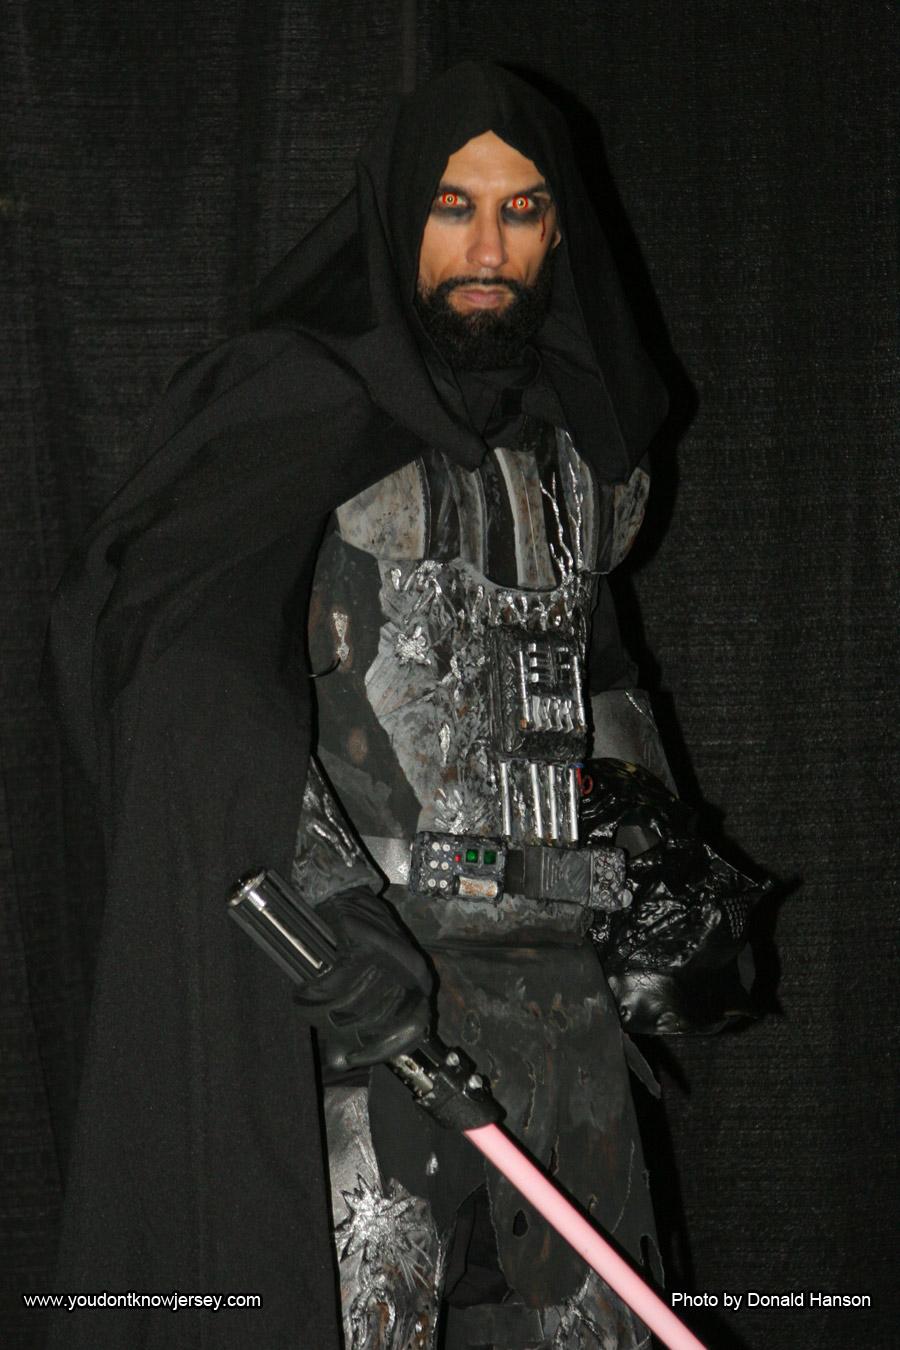 Darth Vader melted